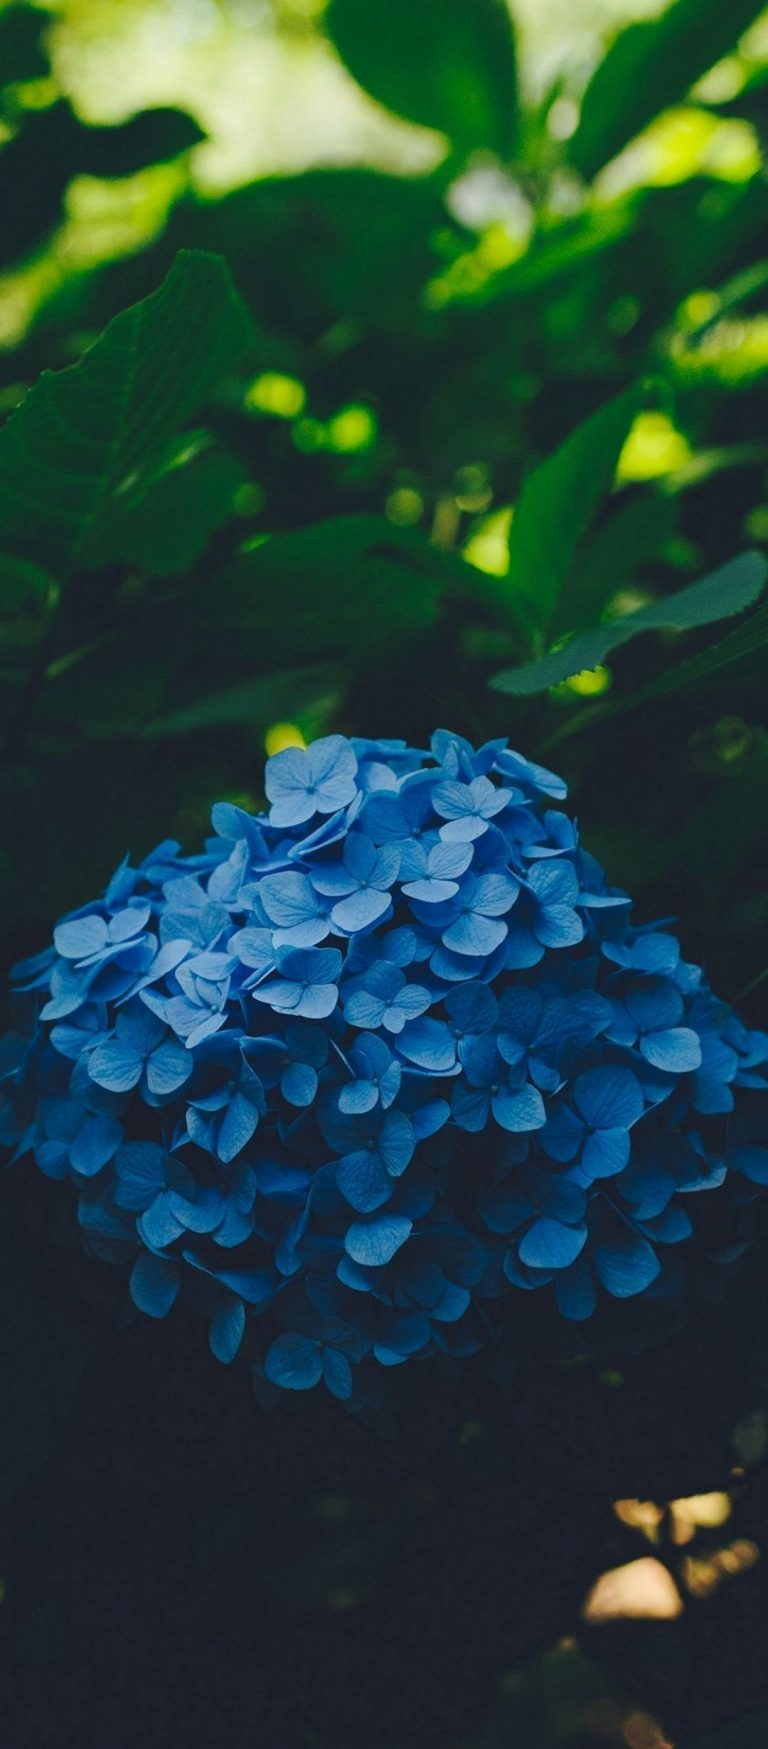 Blue Leaf Flower 1080x2460 768x1749